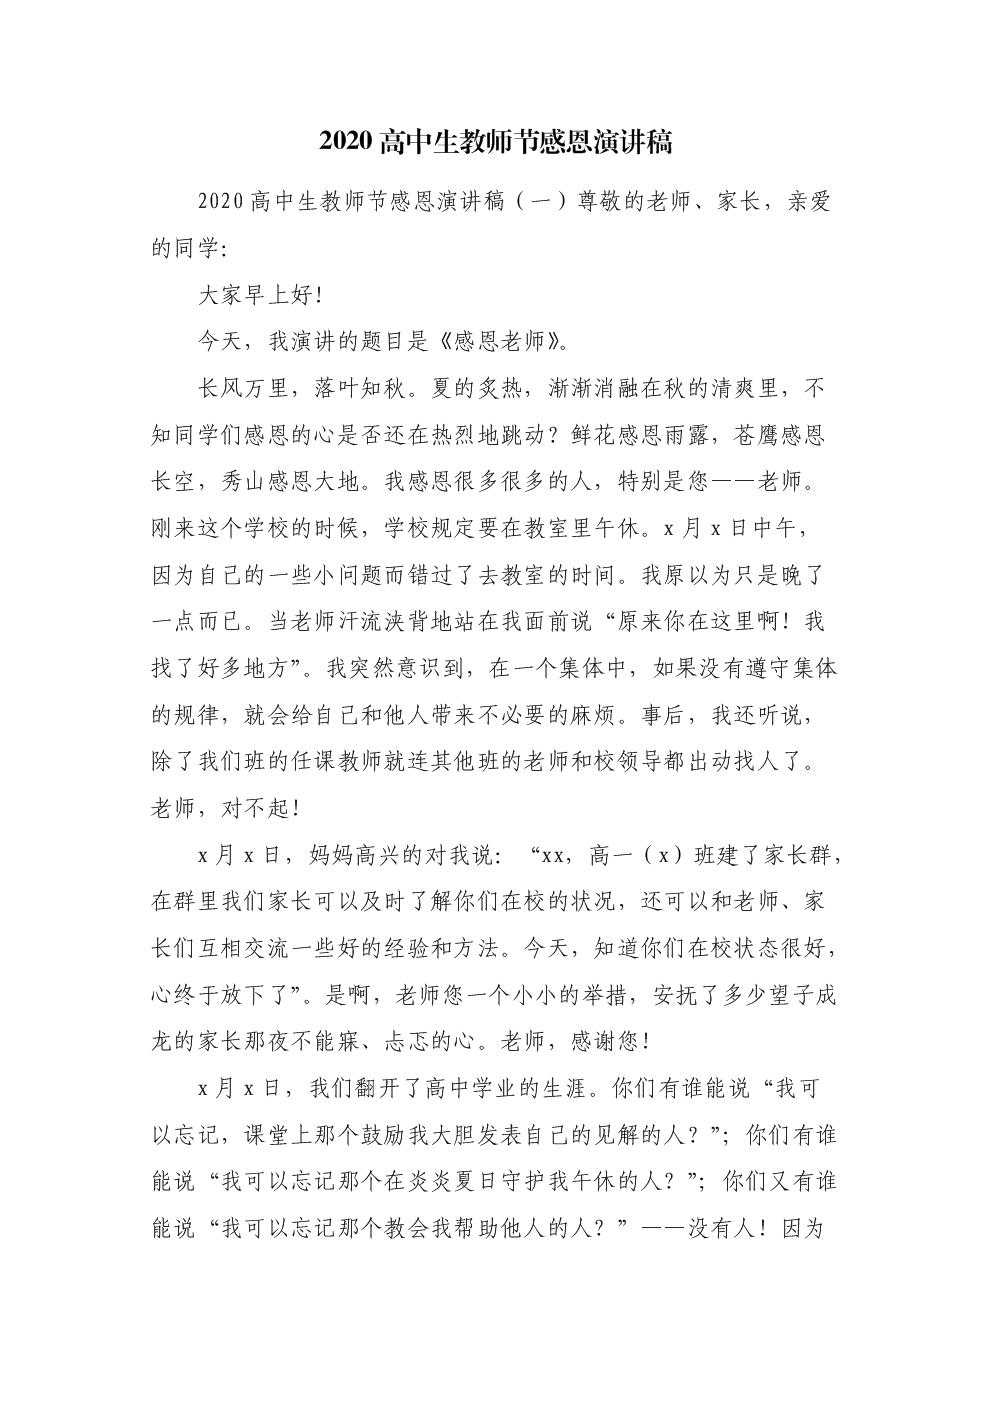 (精选)2020高中生教师节感恩演讲稿.doc